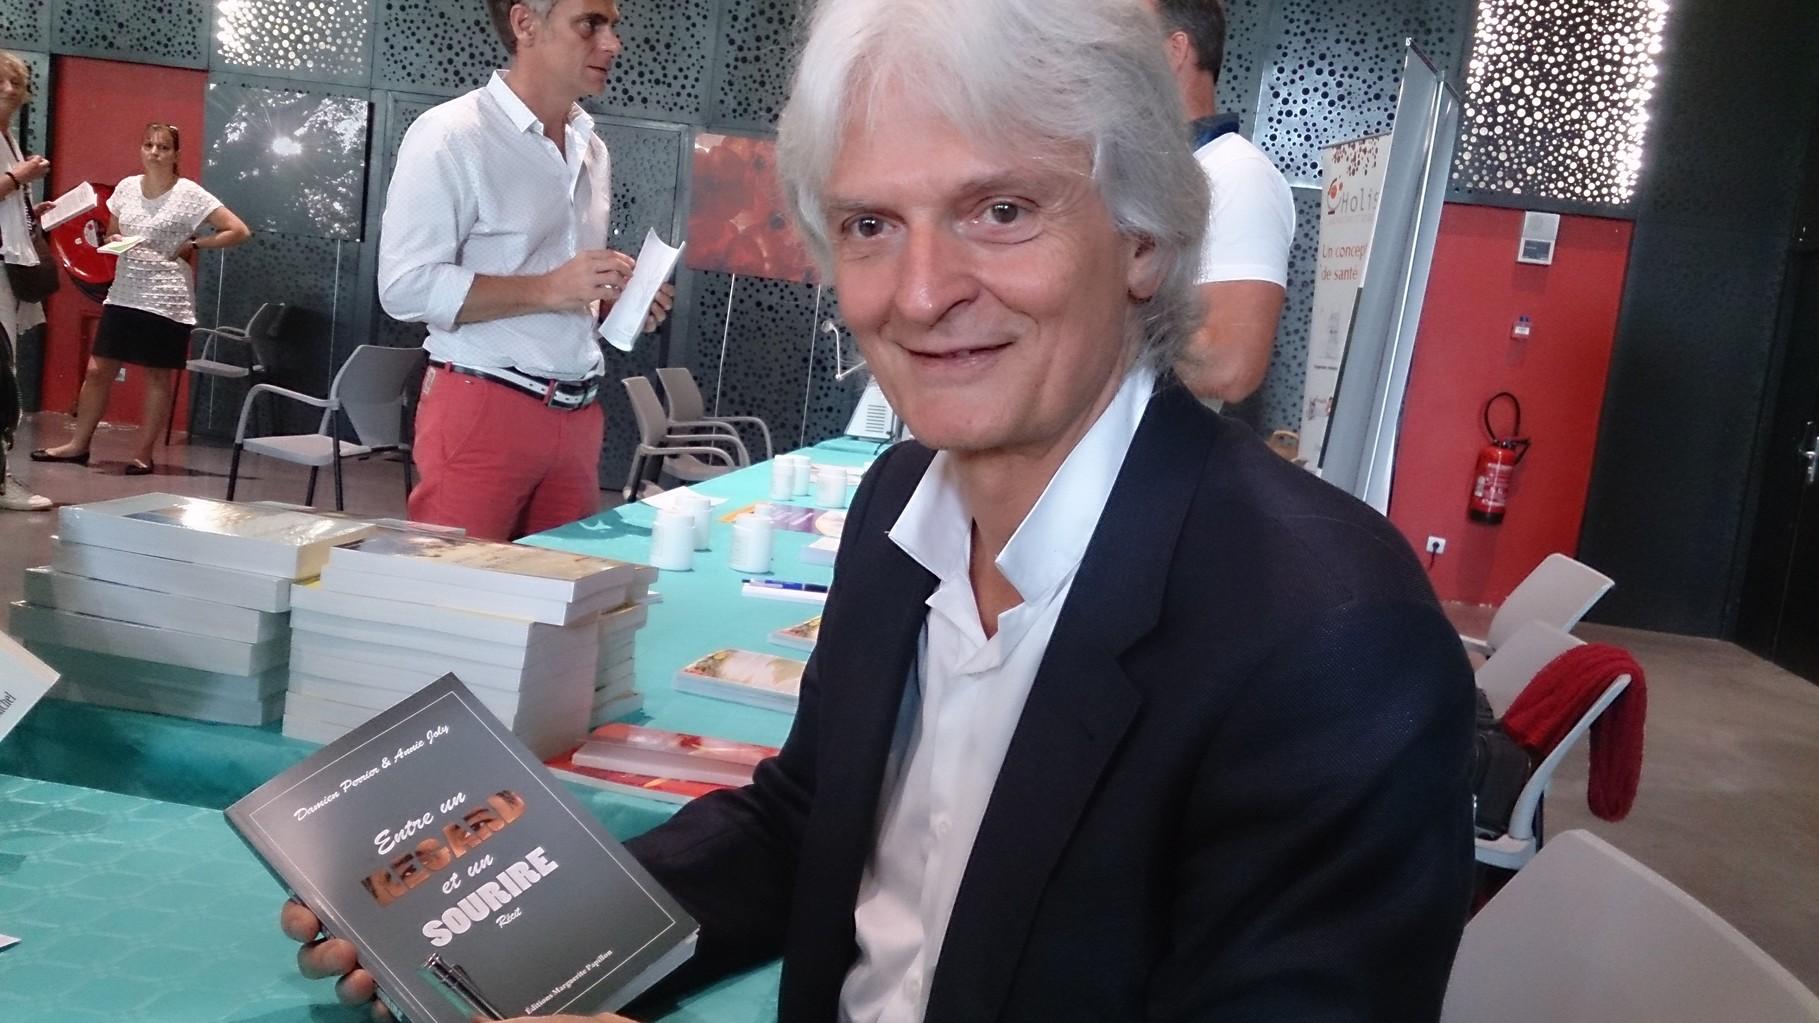 Michel Odoul